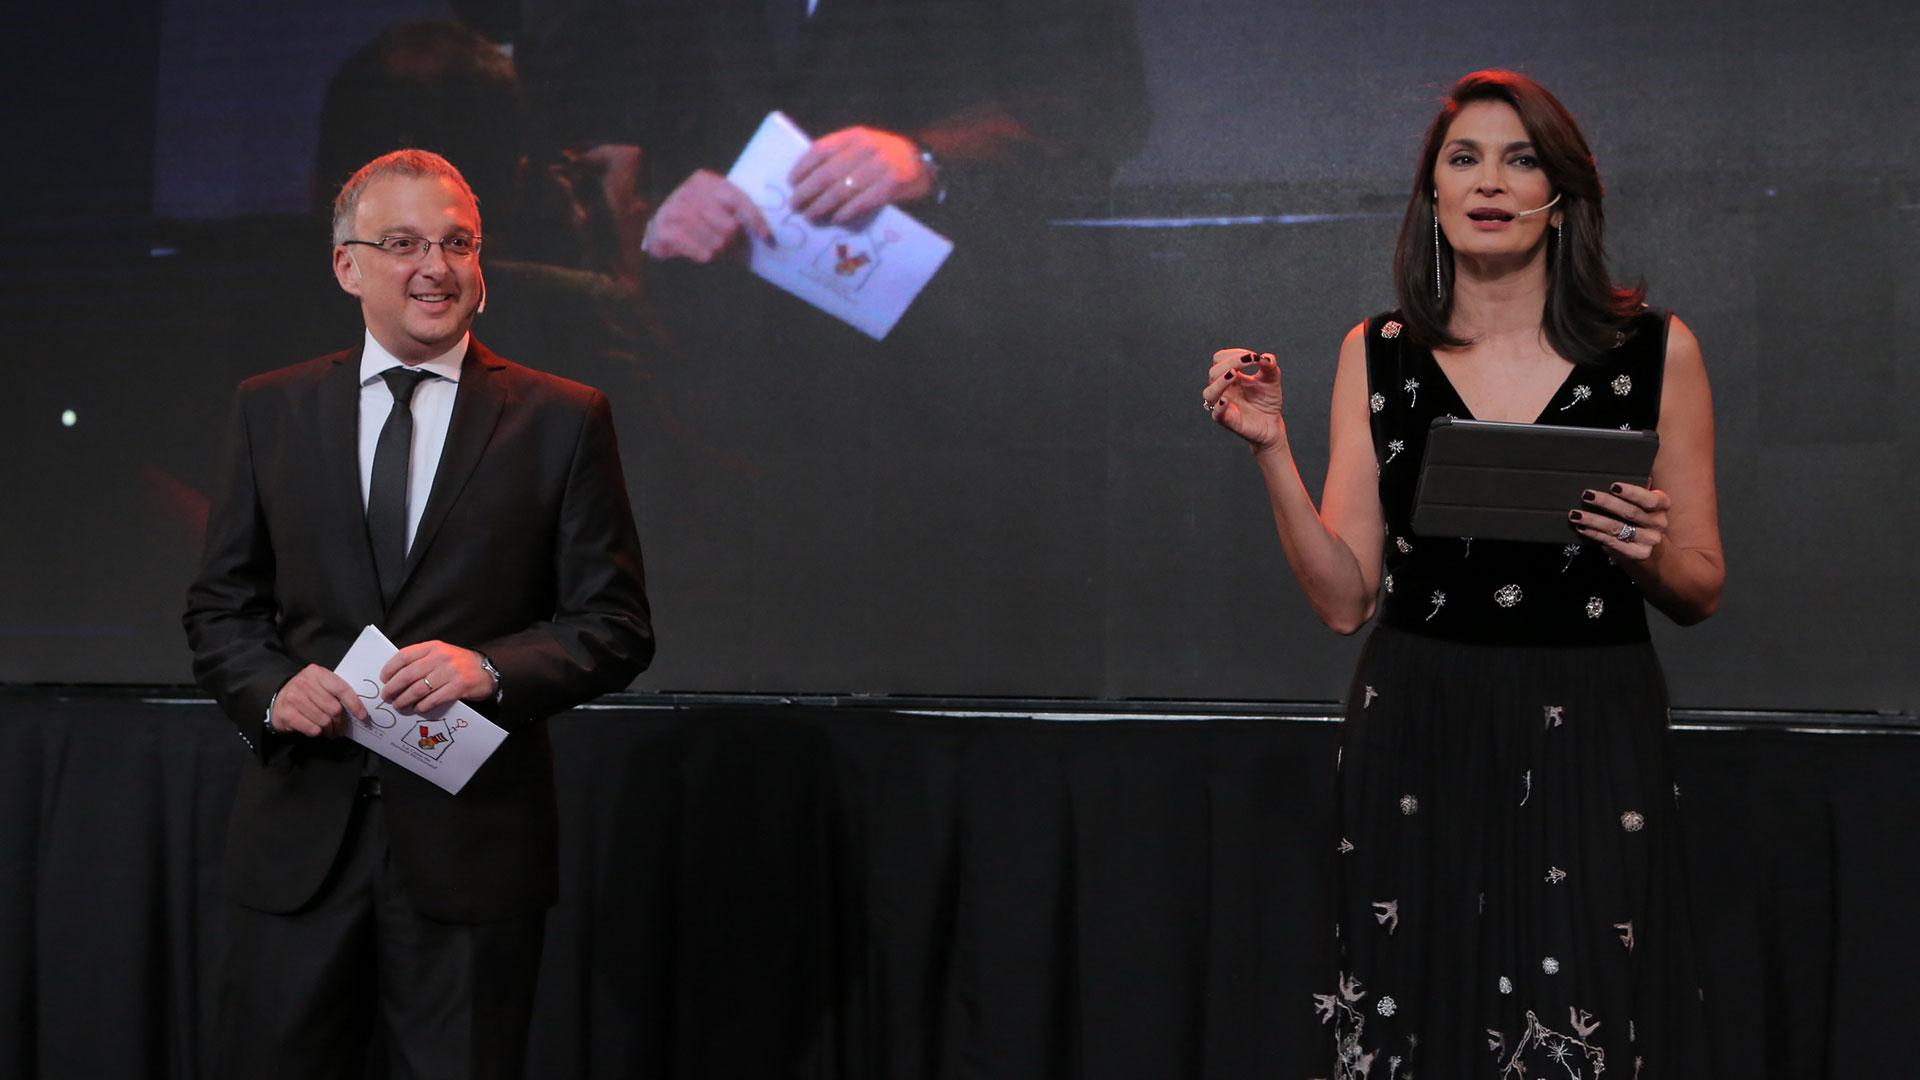 Mariano Yezze y Mariana Arias durante la conducción de la cena